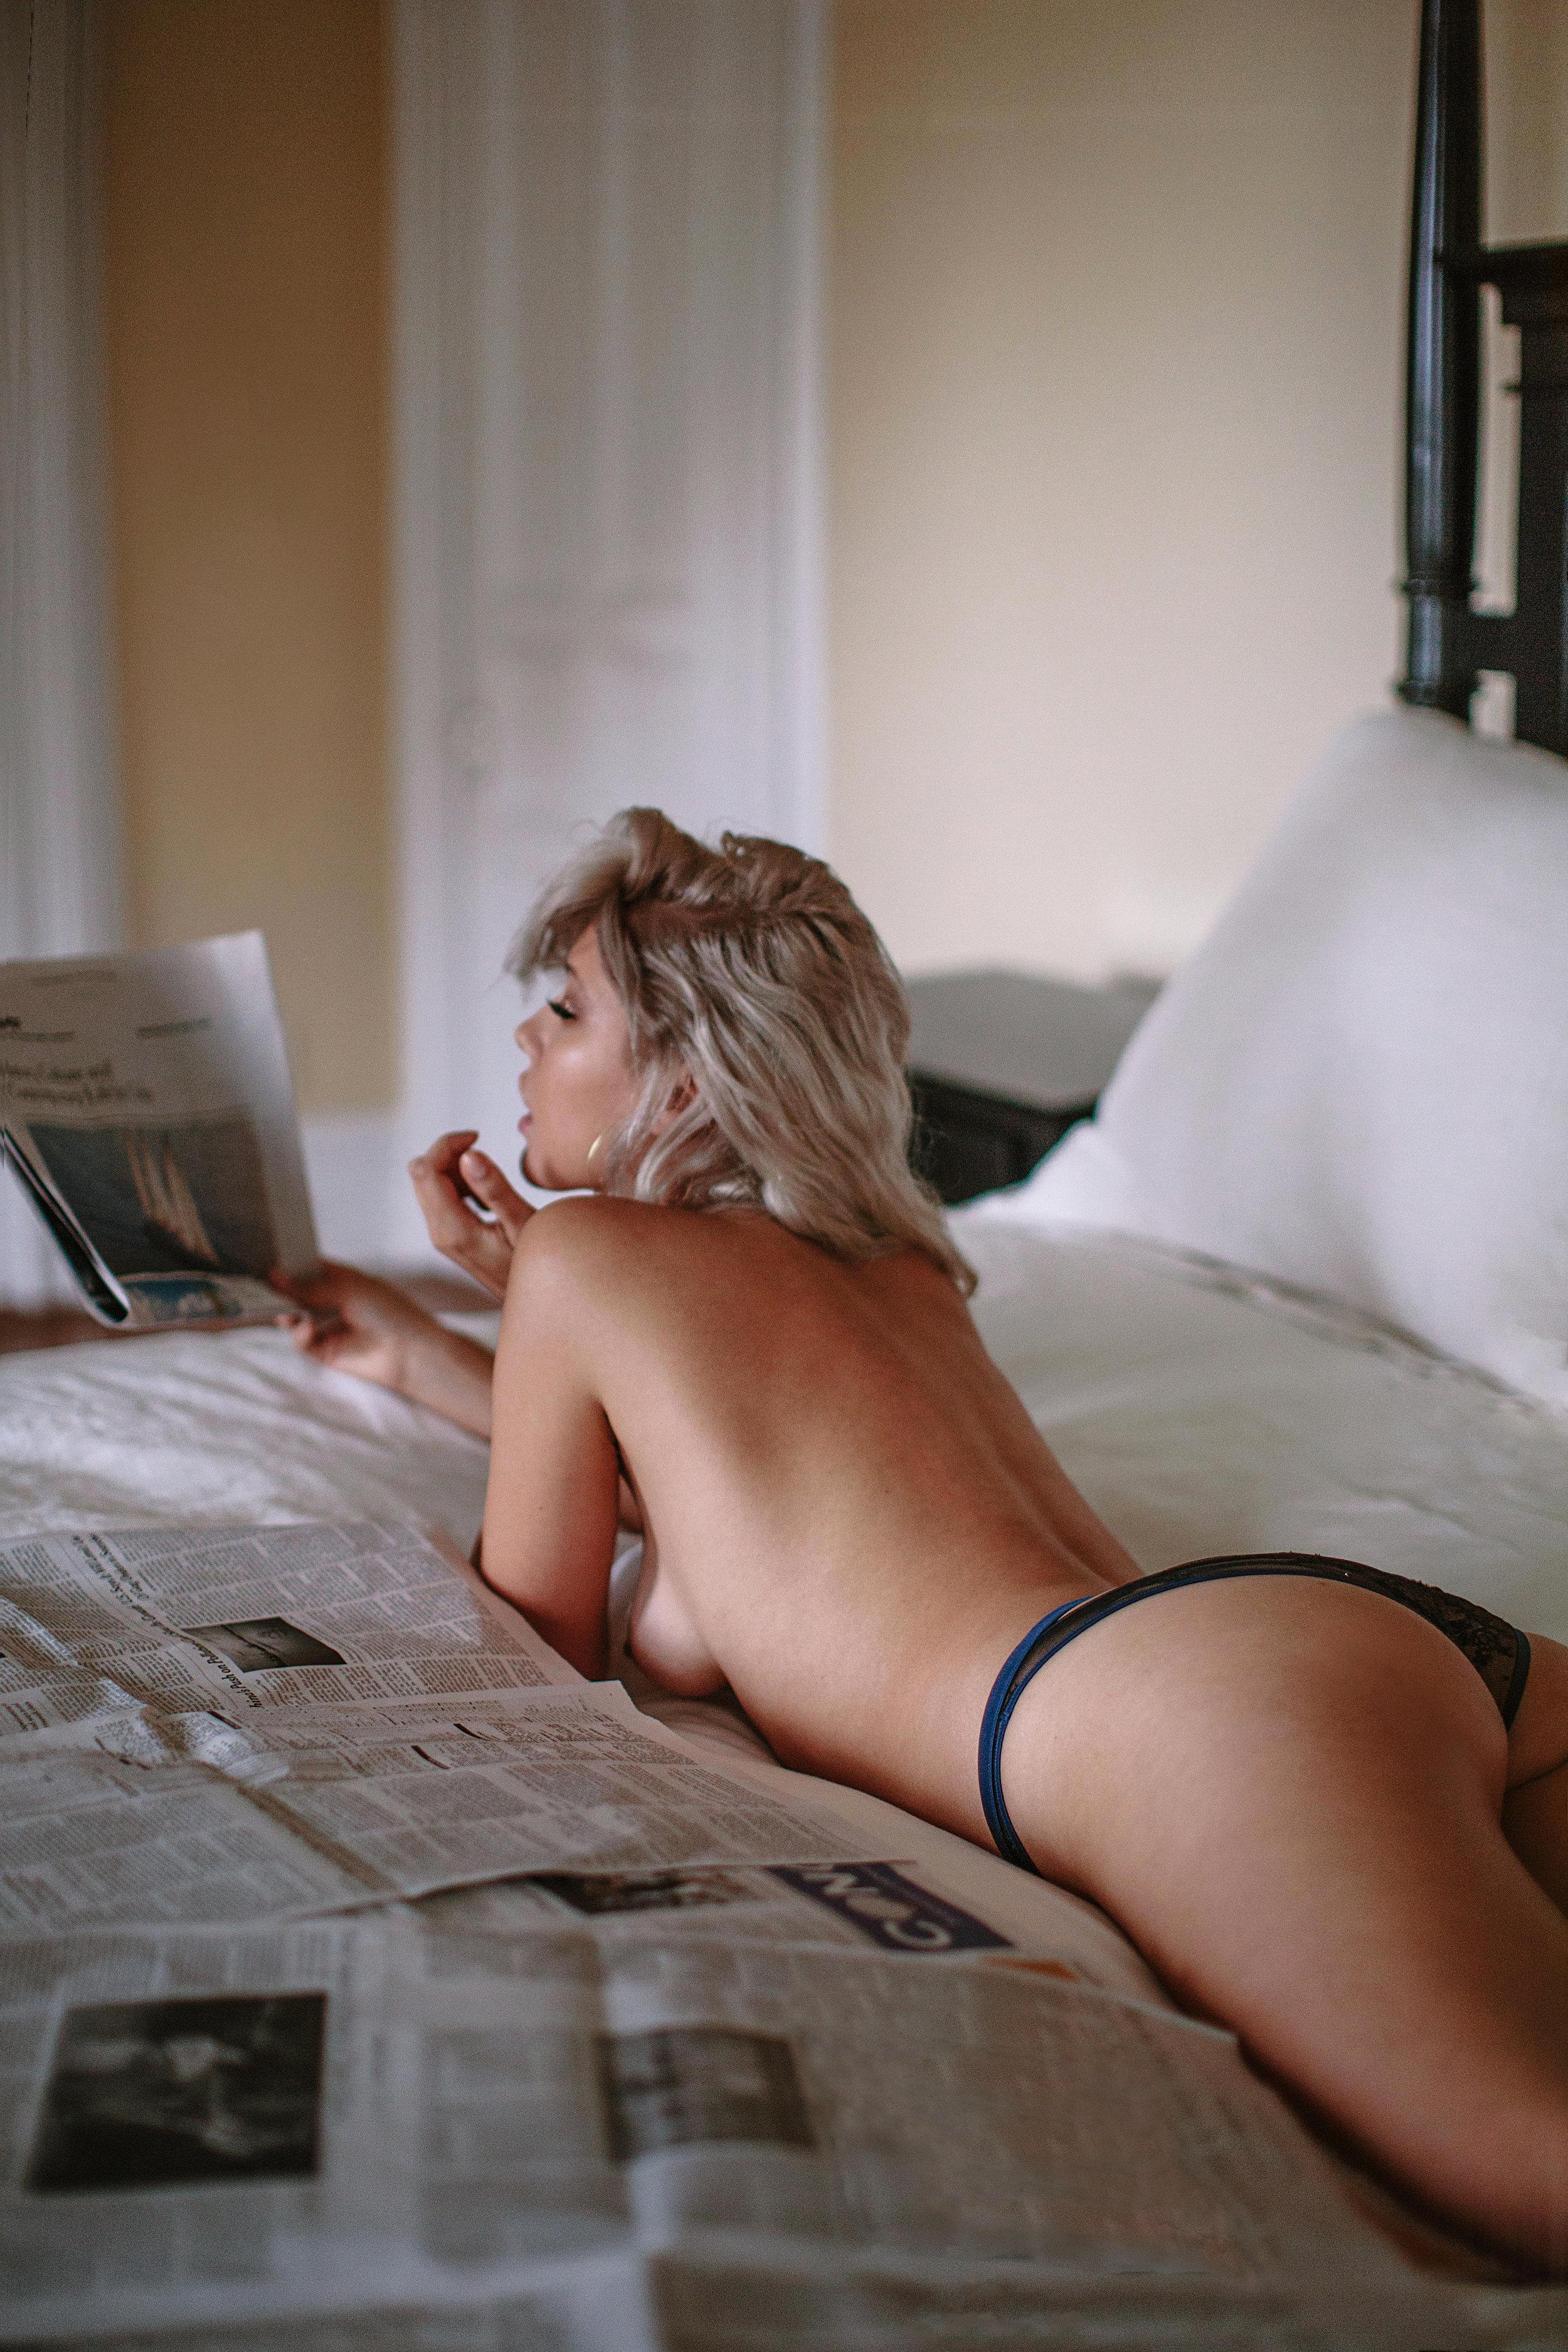 Jen_Senn_Michelle_Rizo_Playboy_-7684.jpg